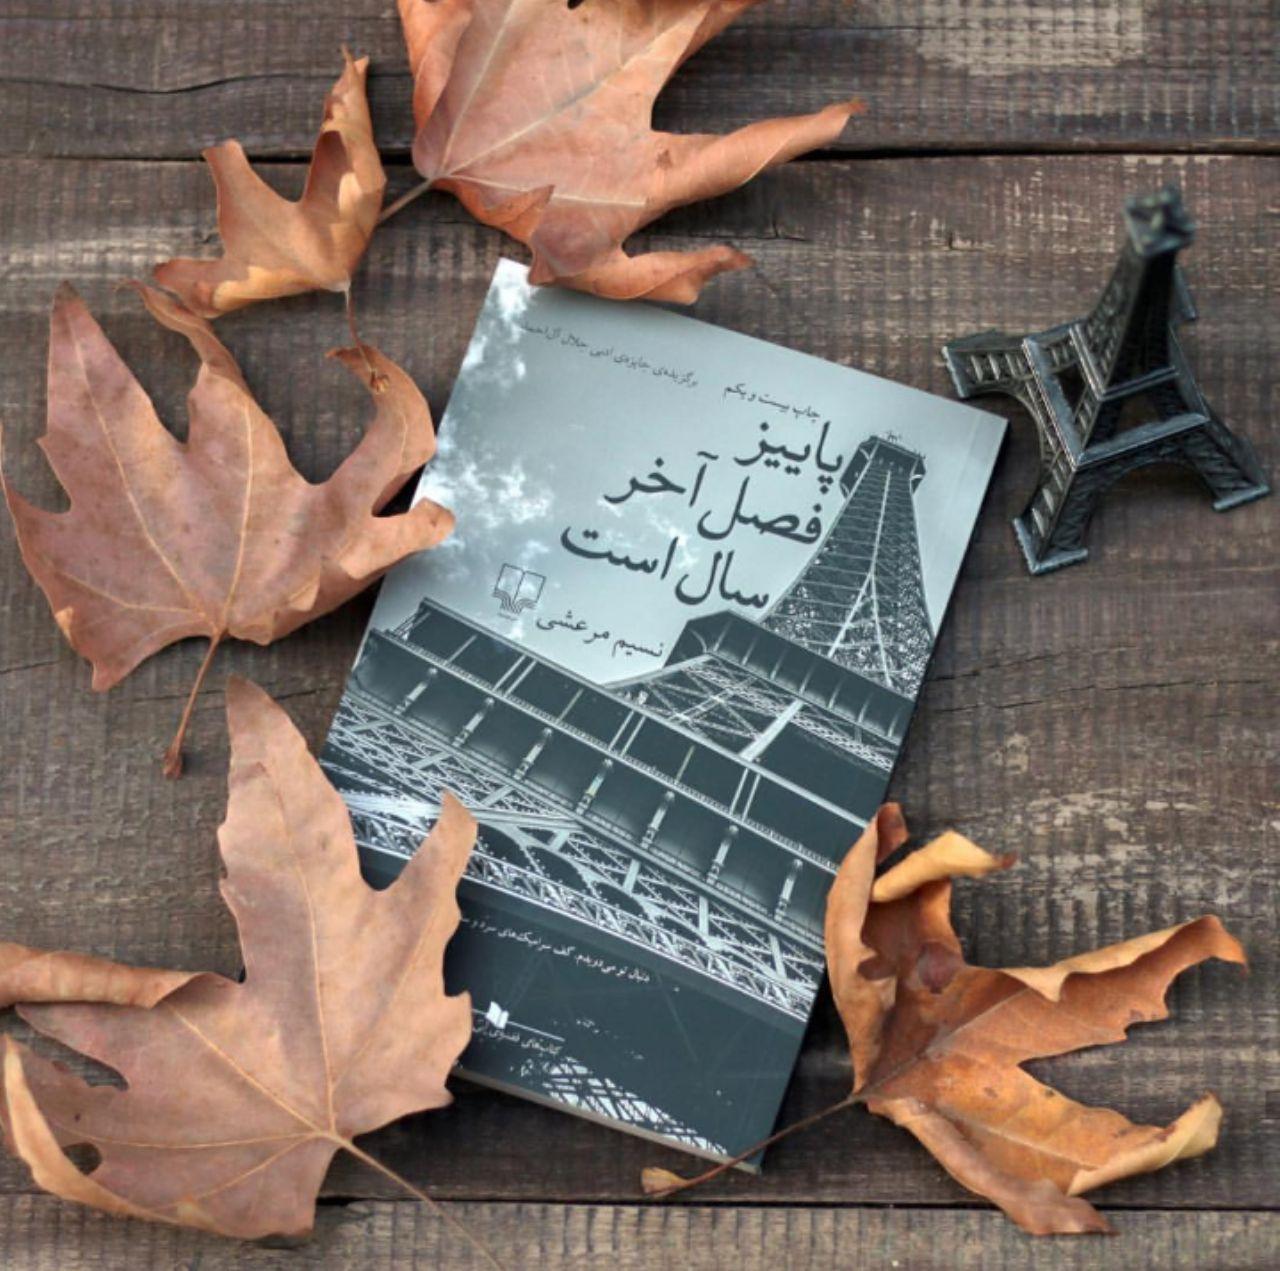 معرفی کتاب پاییز فصل سال آخر سال است (shelffee.com)